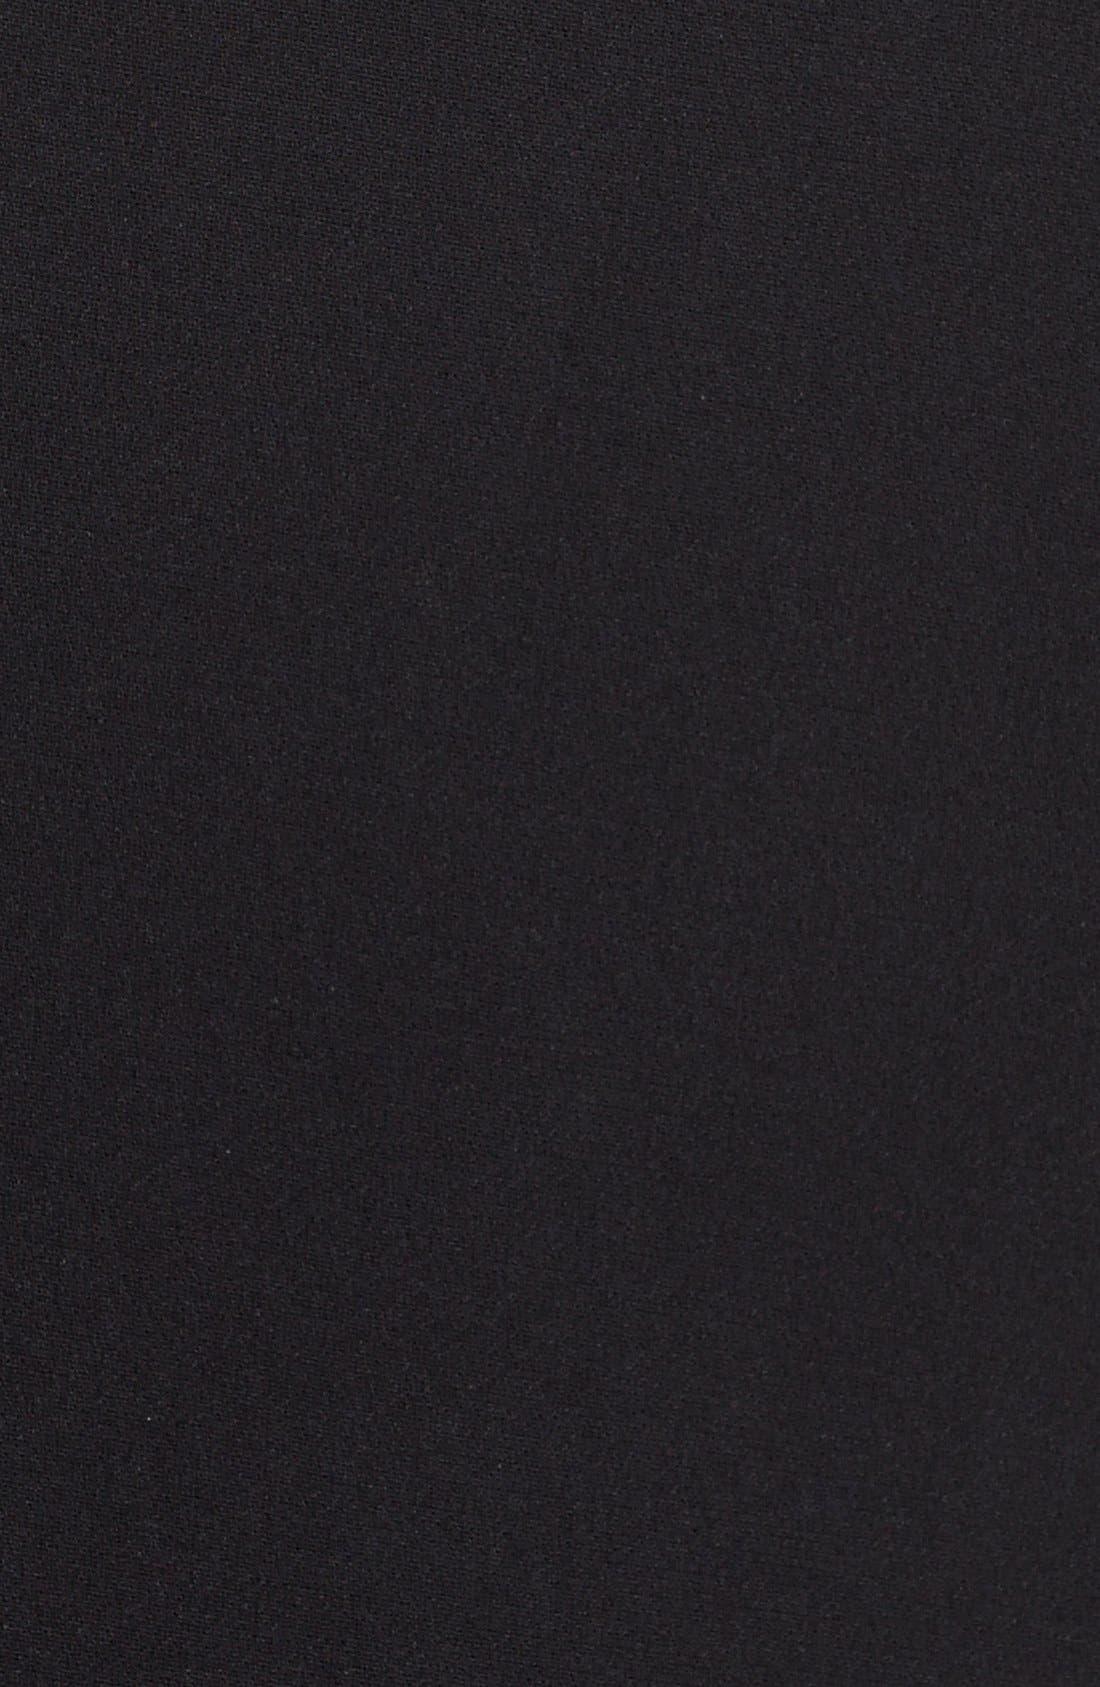 Peak Lapel Suit Jacket,                             Alternate thumbnail 4, color,                             Black